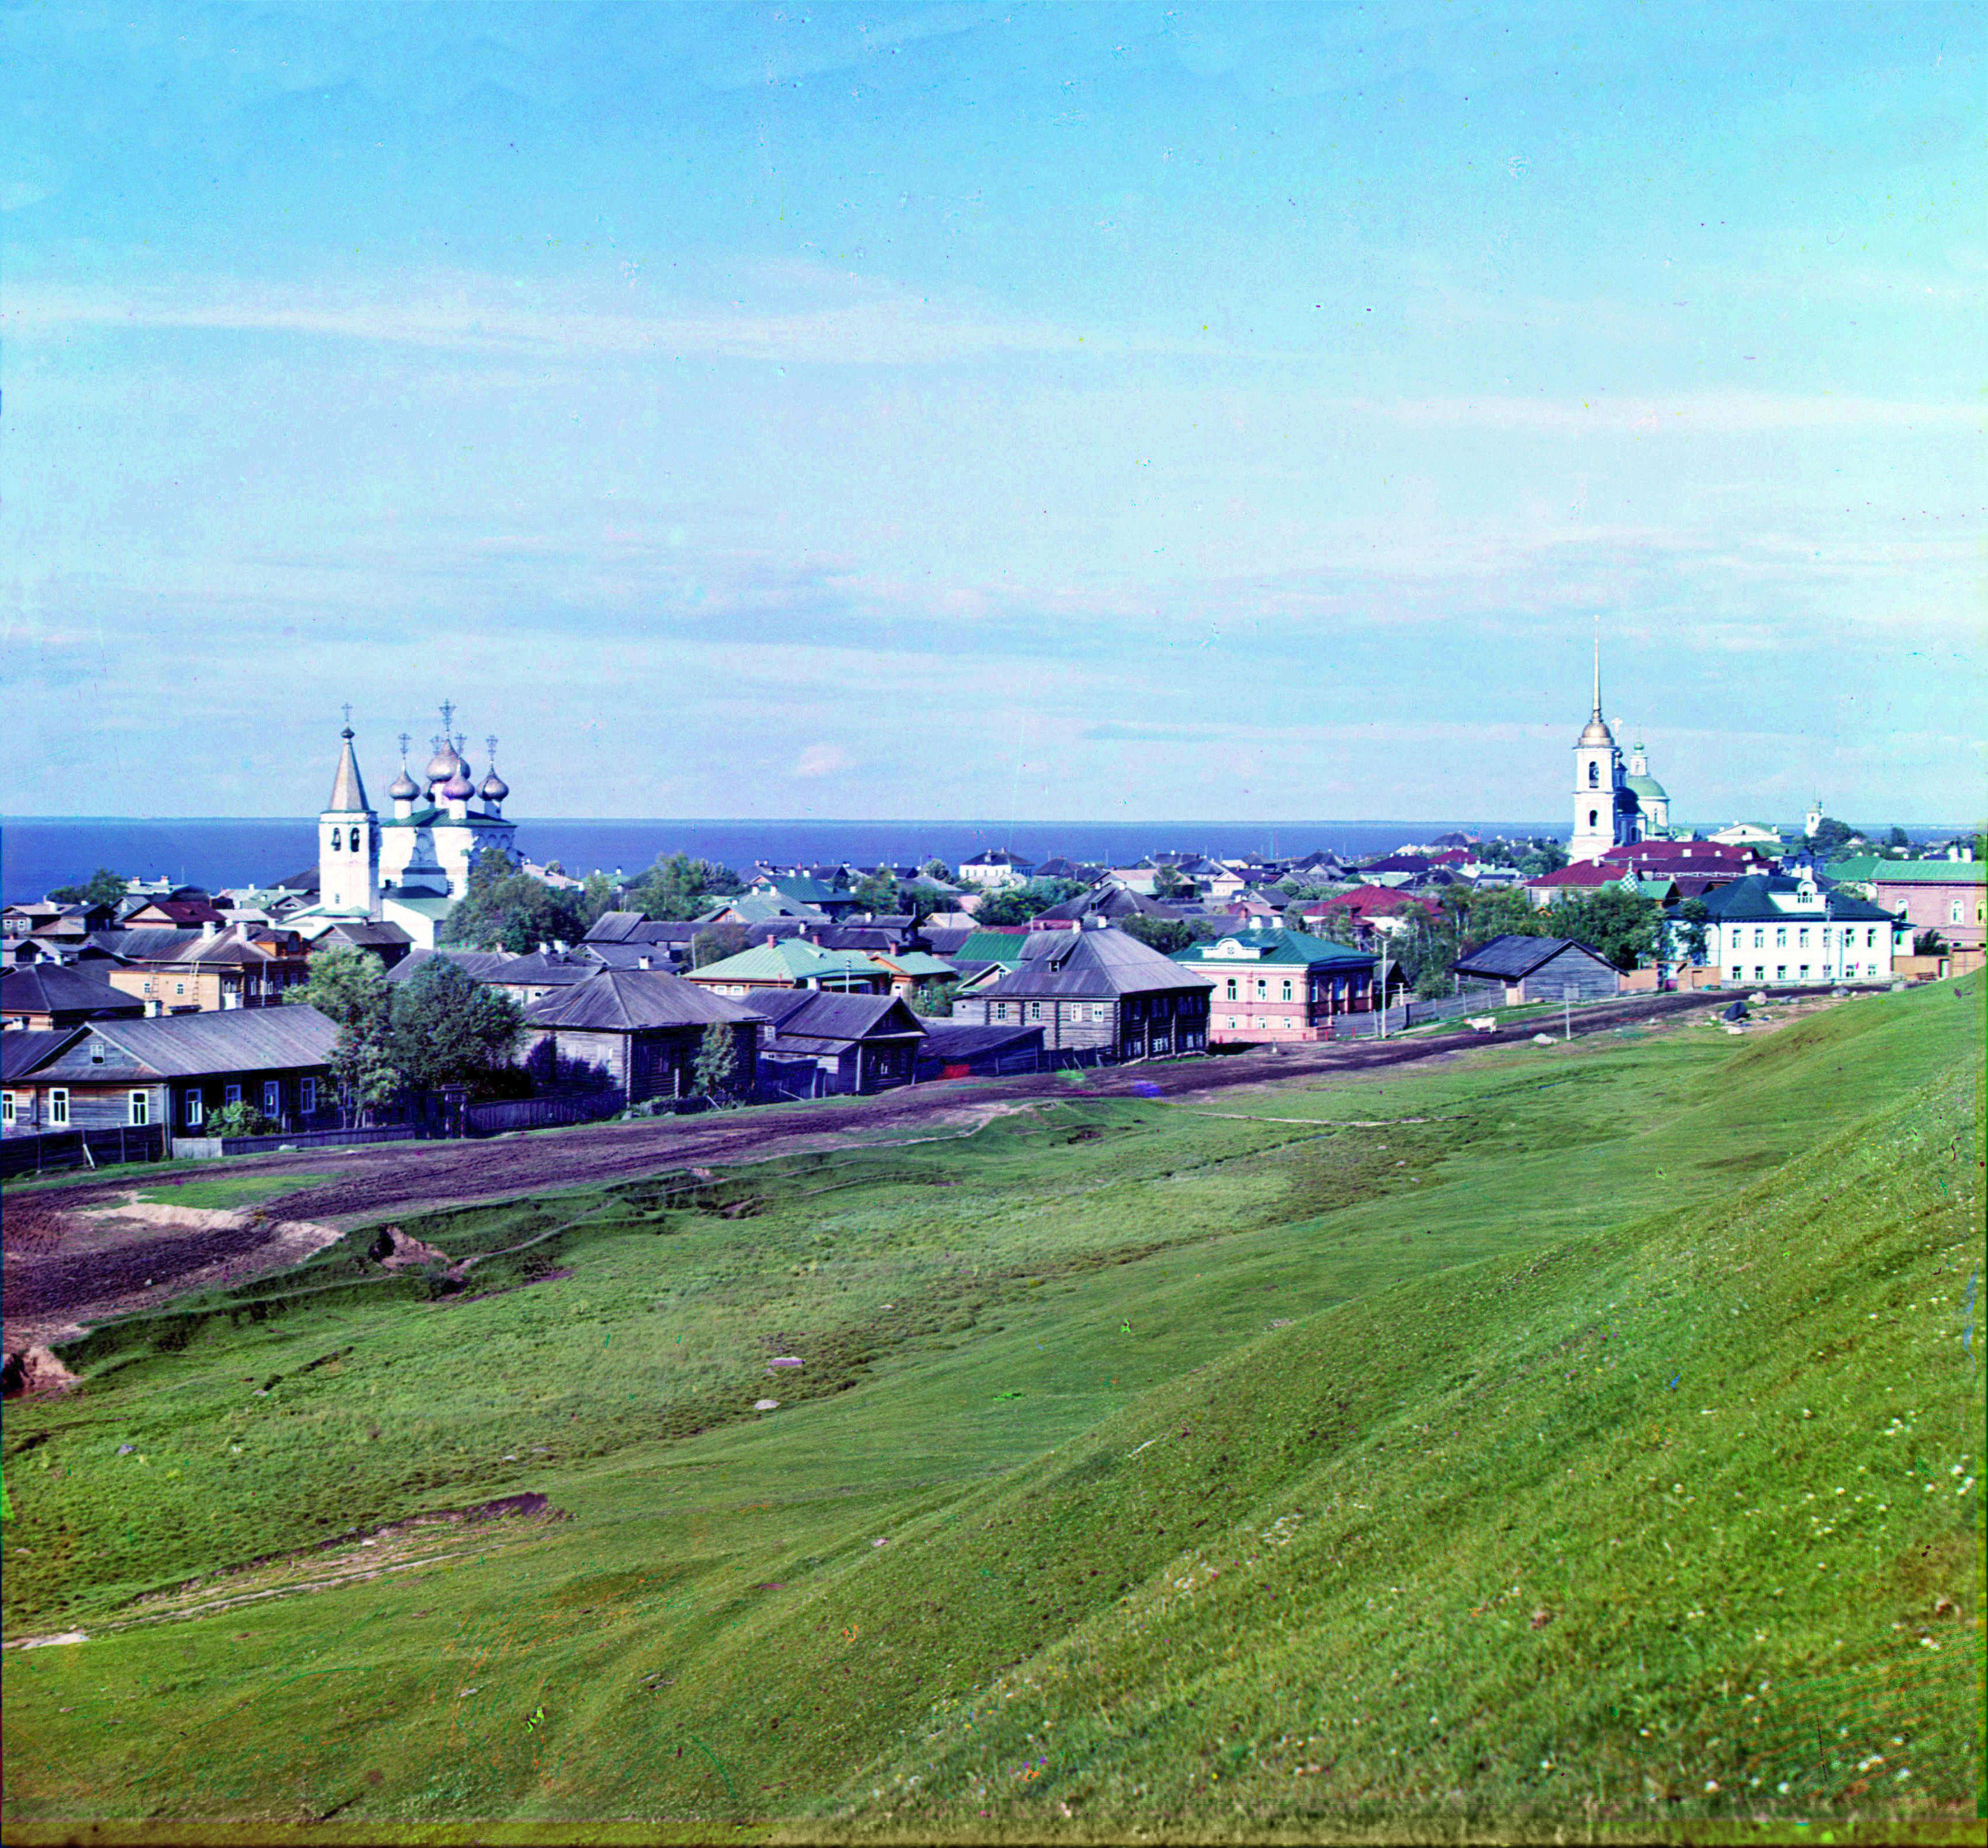 Белозерск. Общий вид города с крепостного вала